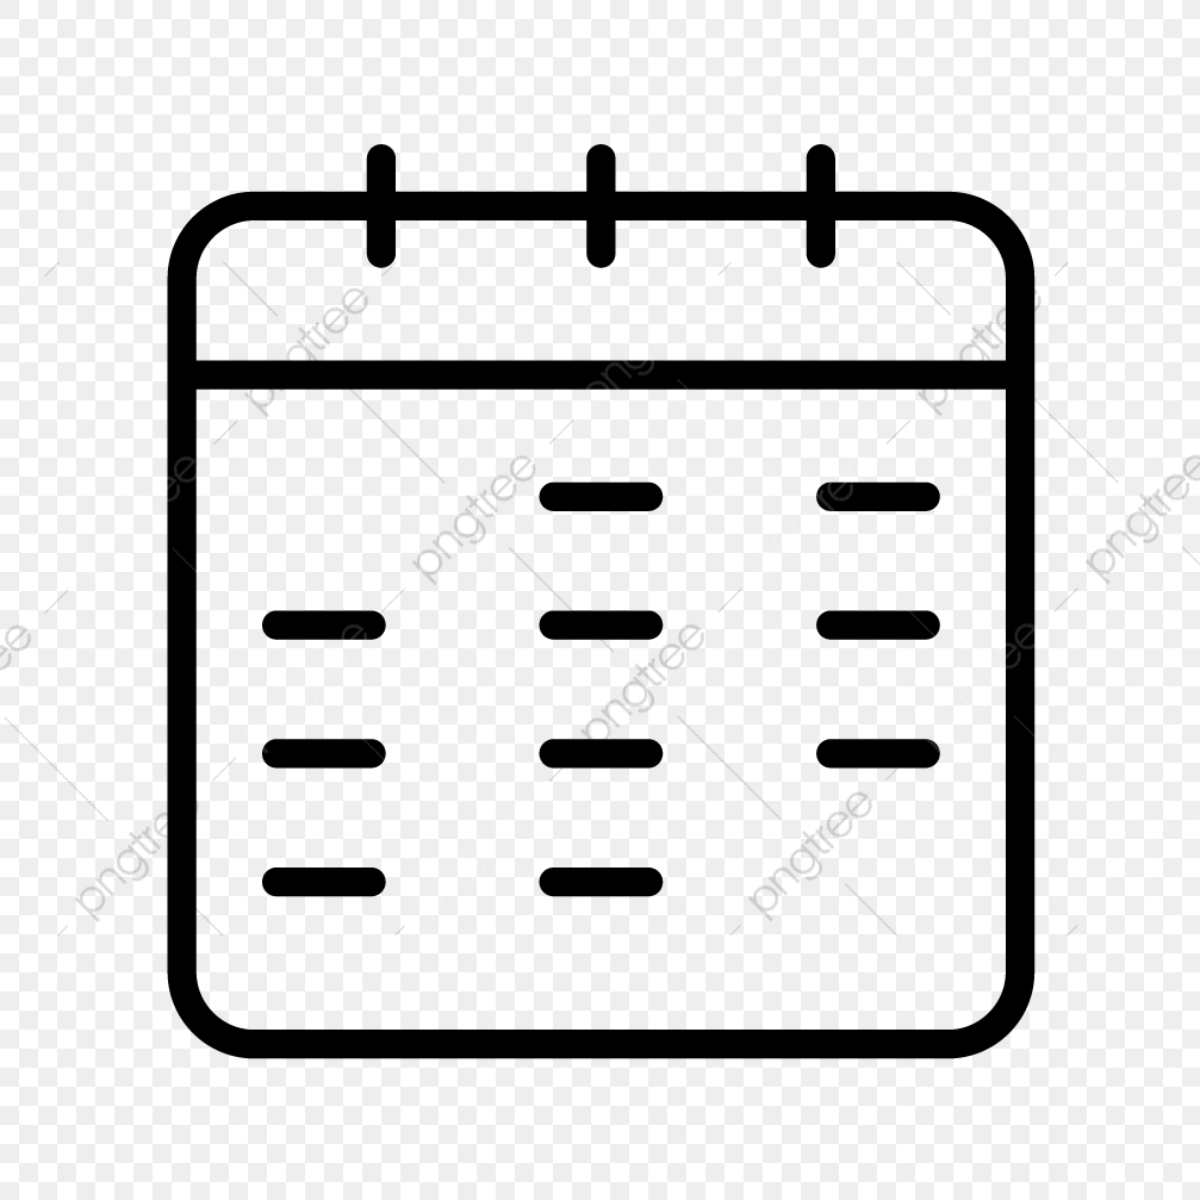 Calendrier Icone Png.Calendrier Des Vecteurs Calendrier Icone Des Civils Date